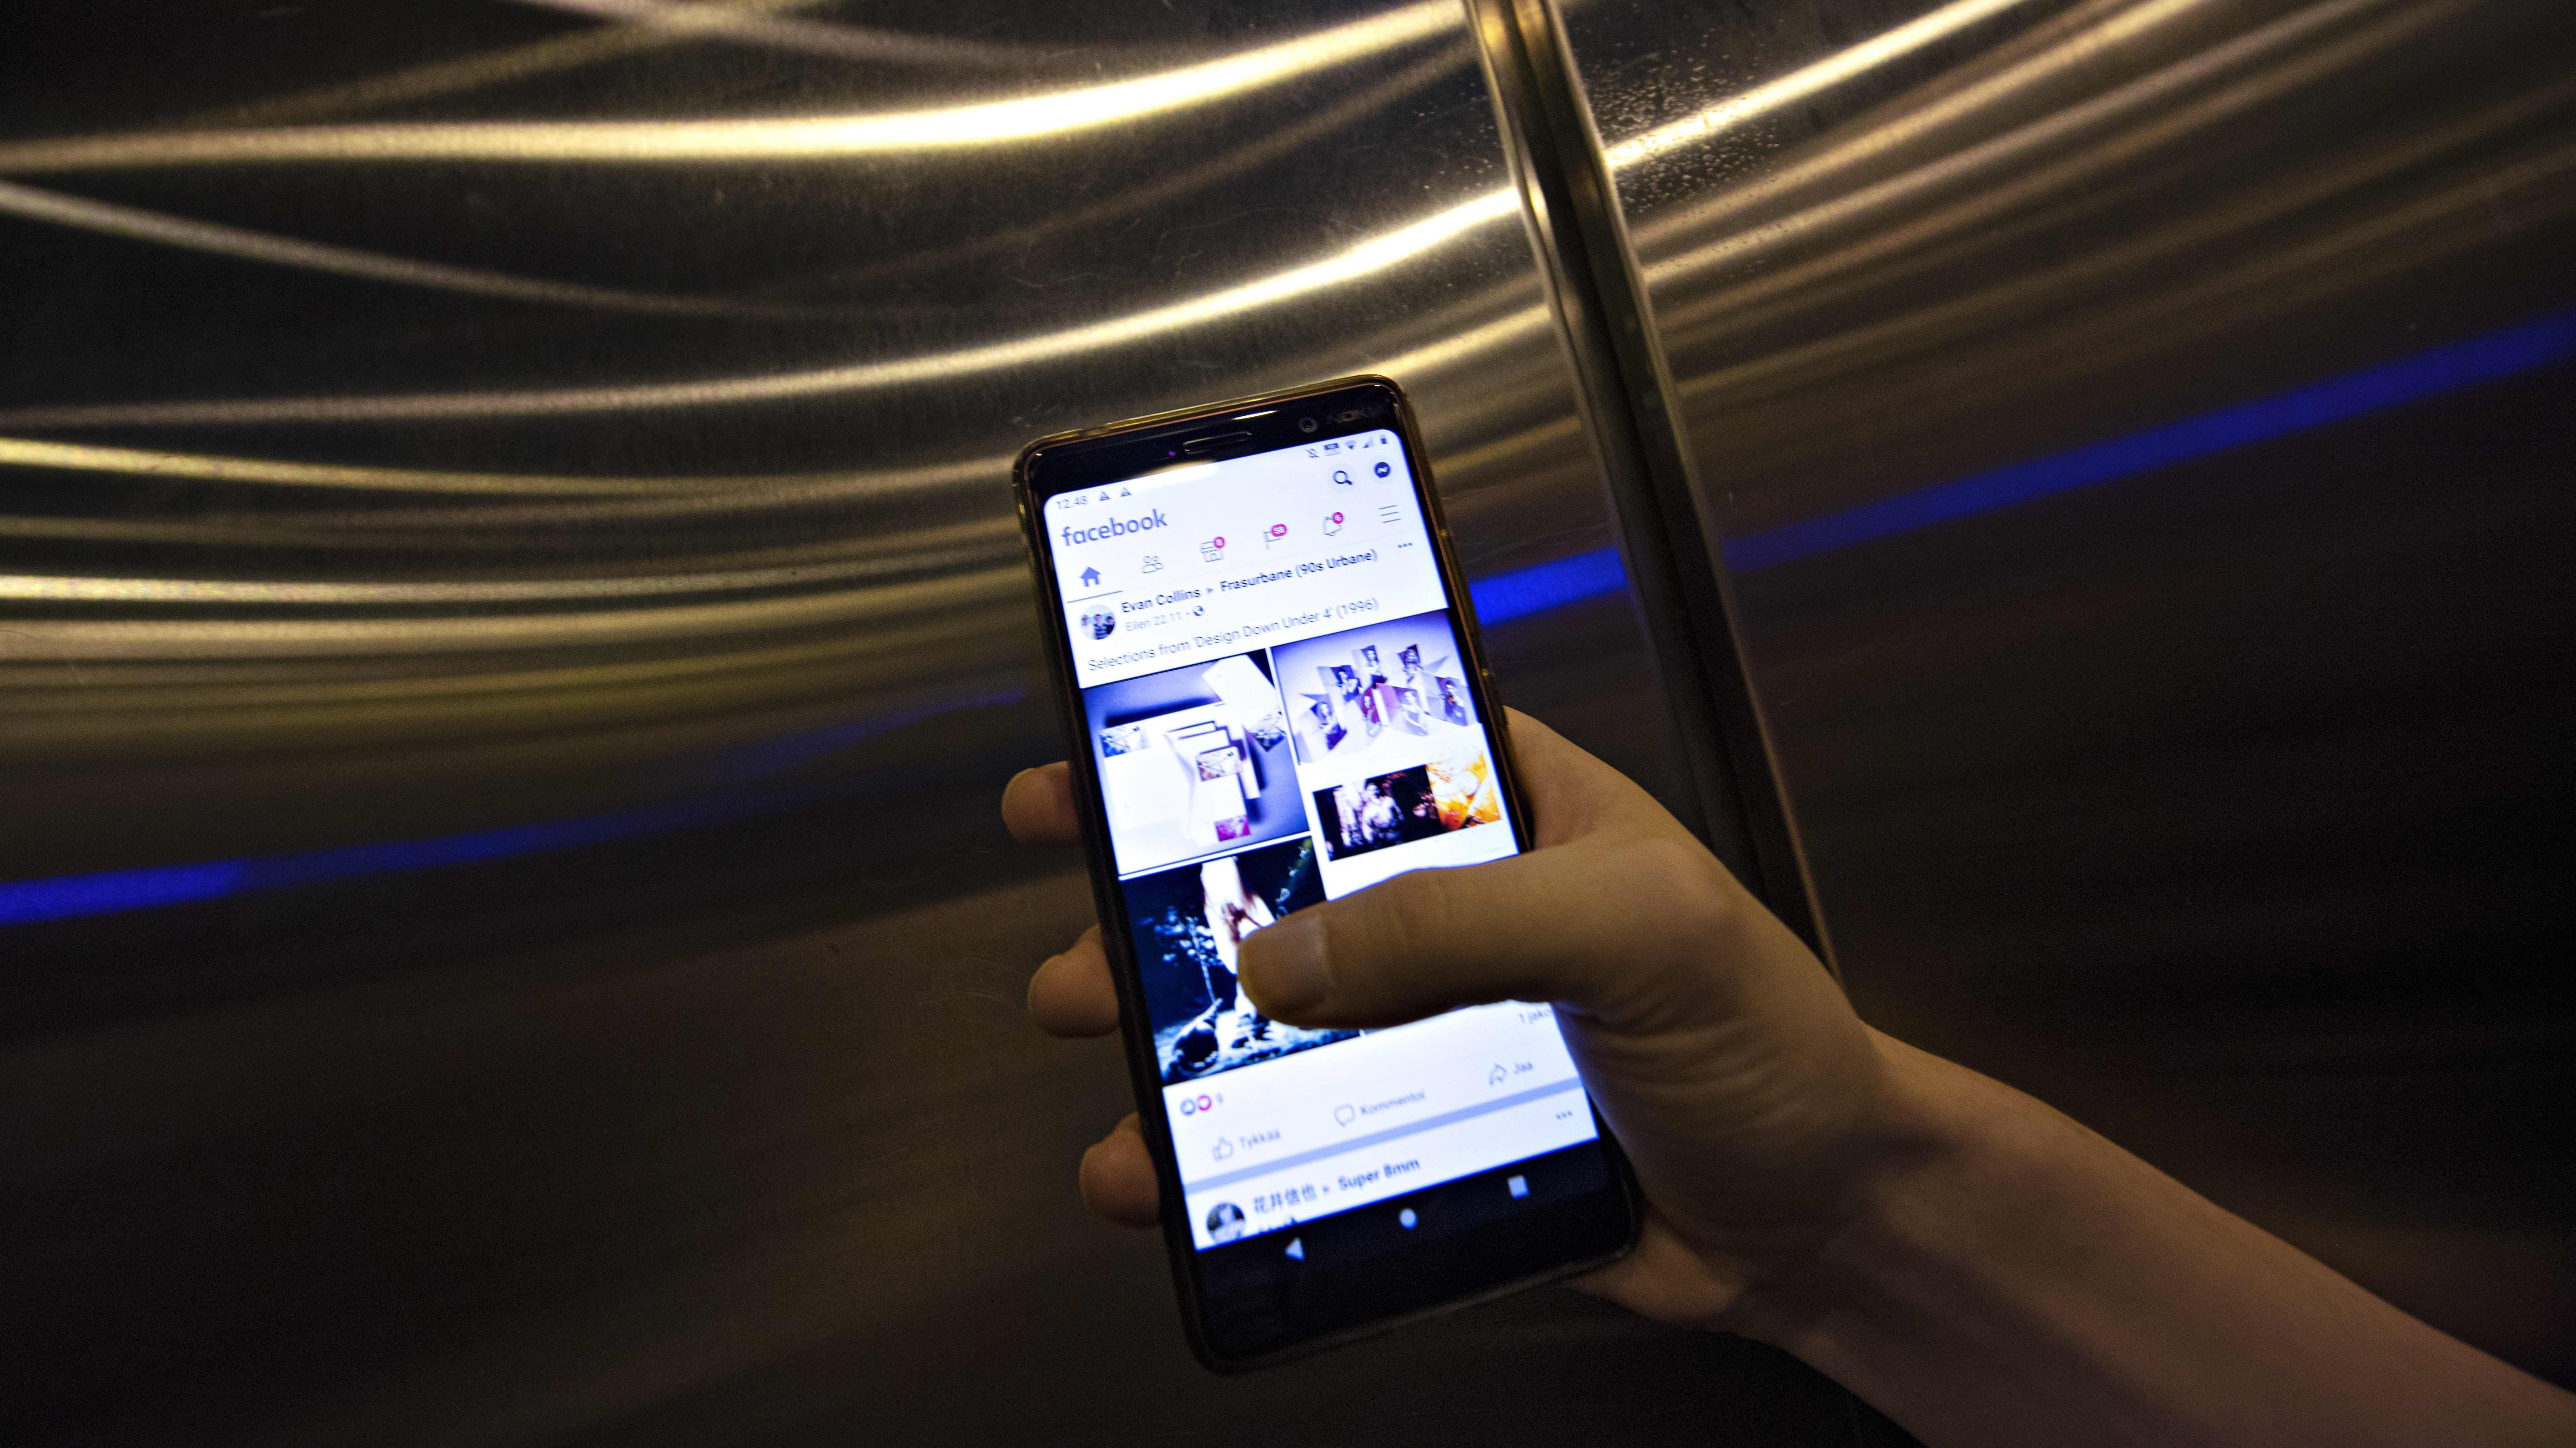 Mies käyttää Facebook-sovellusta älykännykällä.